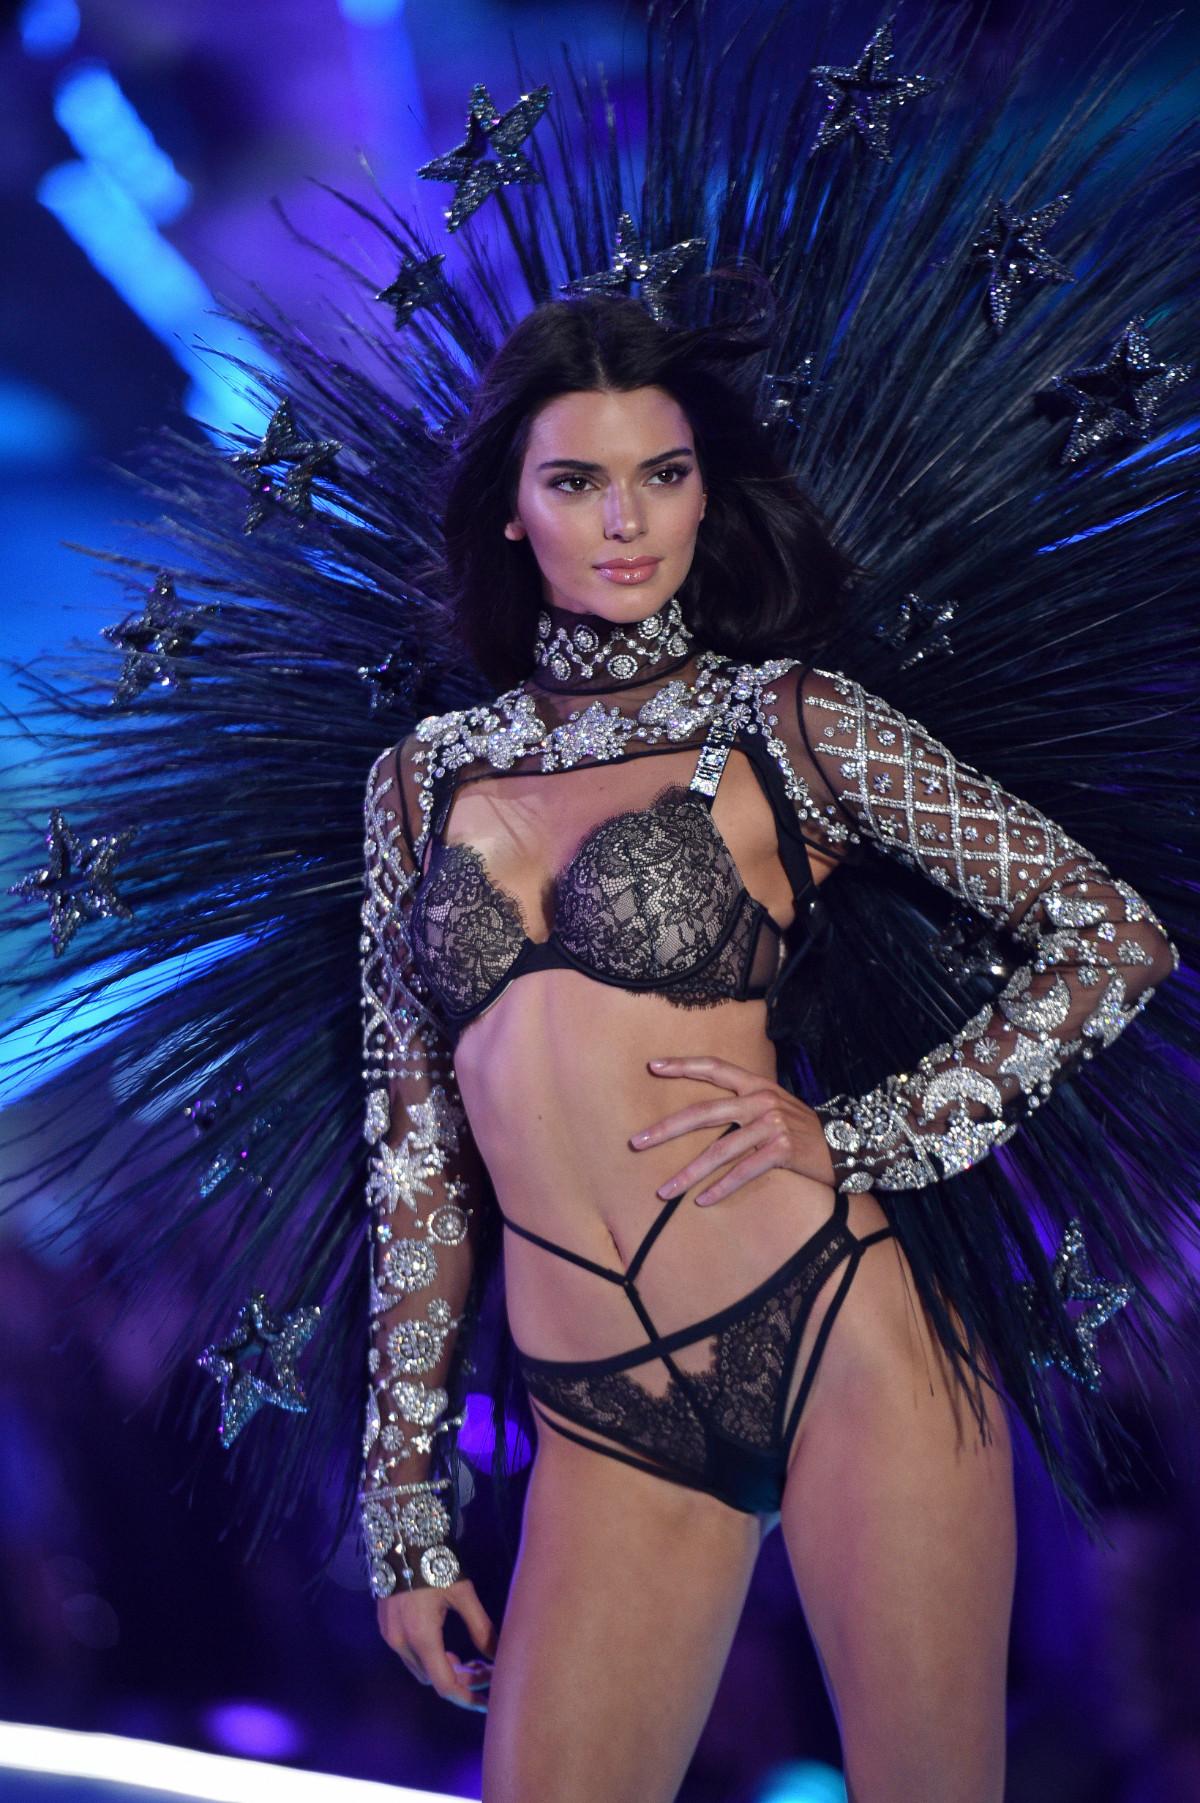 Λαμπερή και πανέμορφη η Kendall Jenner ως Αγγελάκι της Victoria's Secret - Photo: Abaca